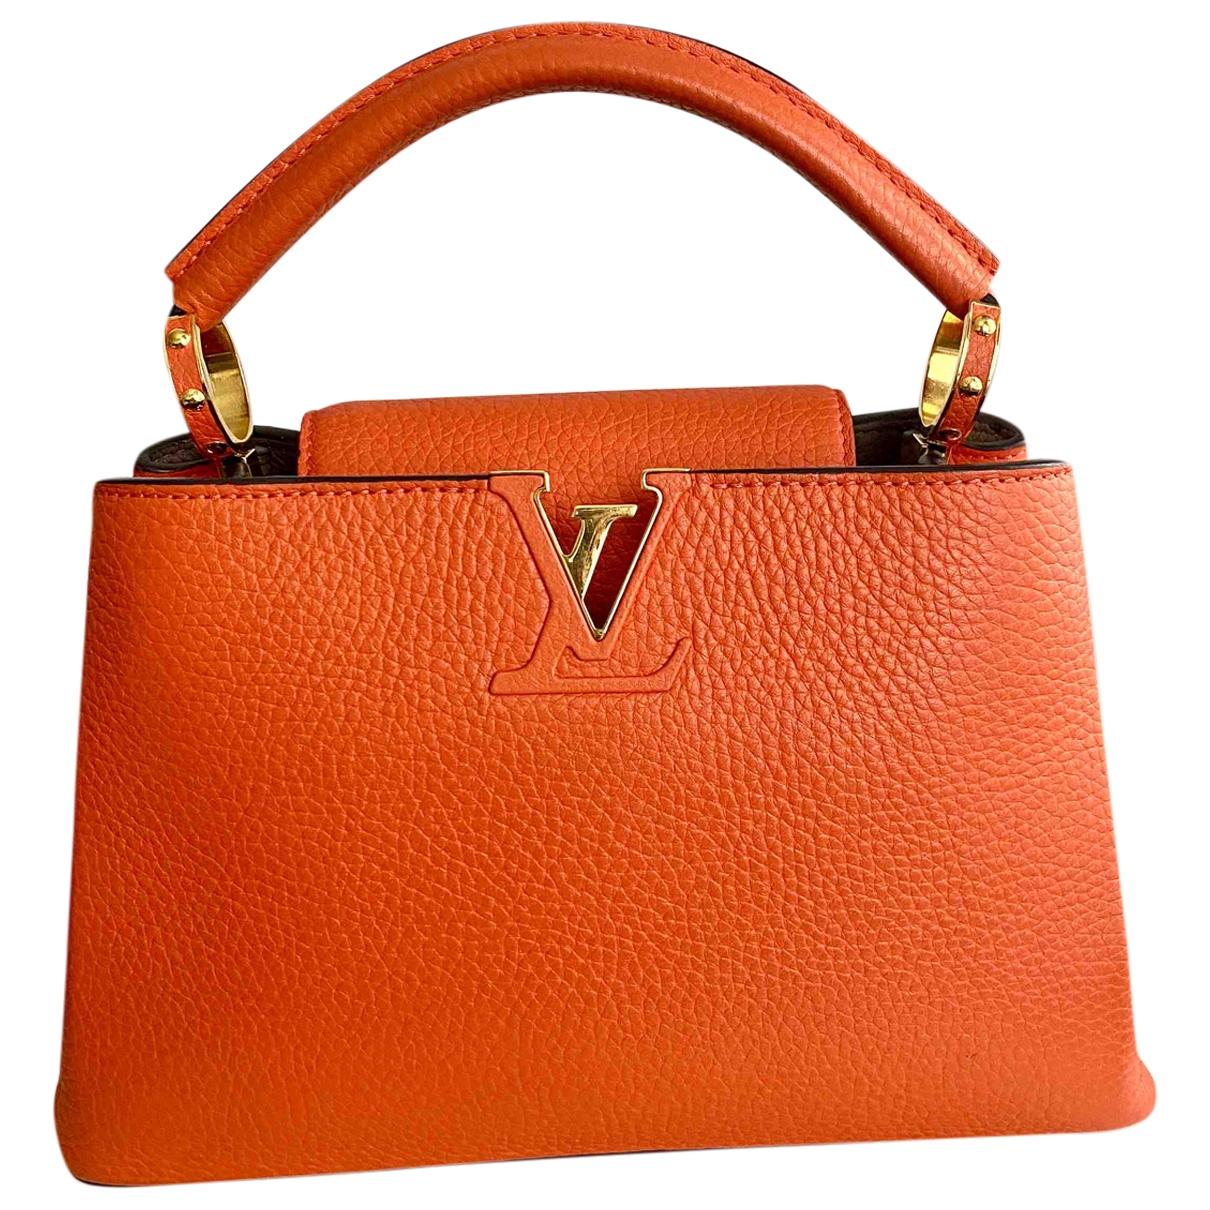 Louis Vuitton Capucines Handtasche in  Orange Leder